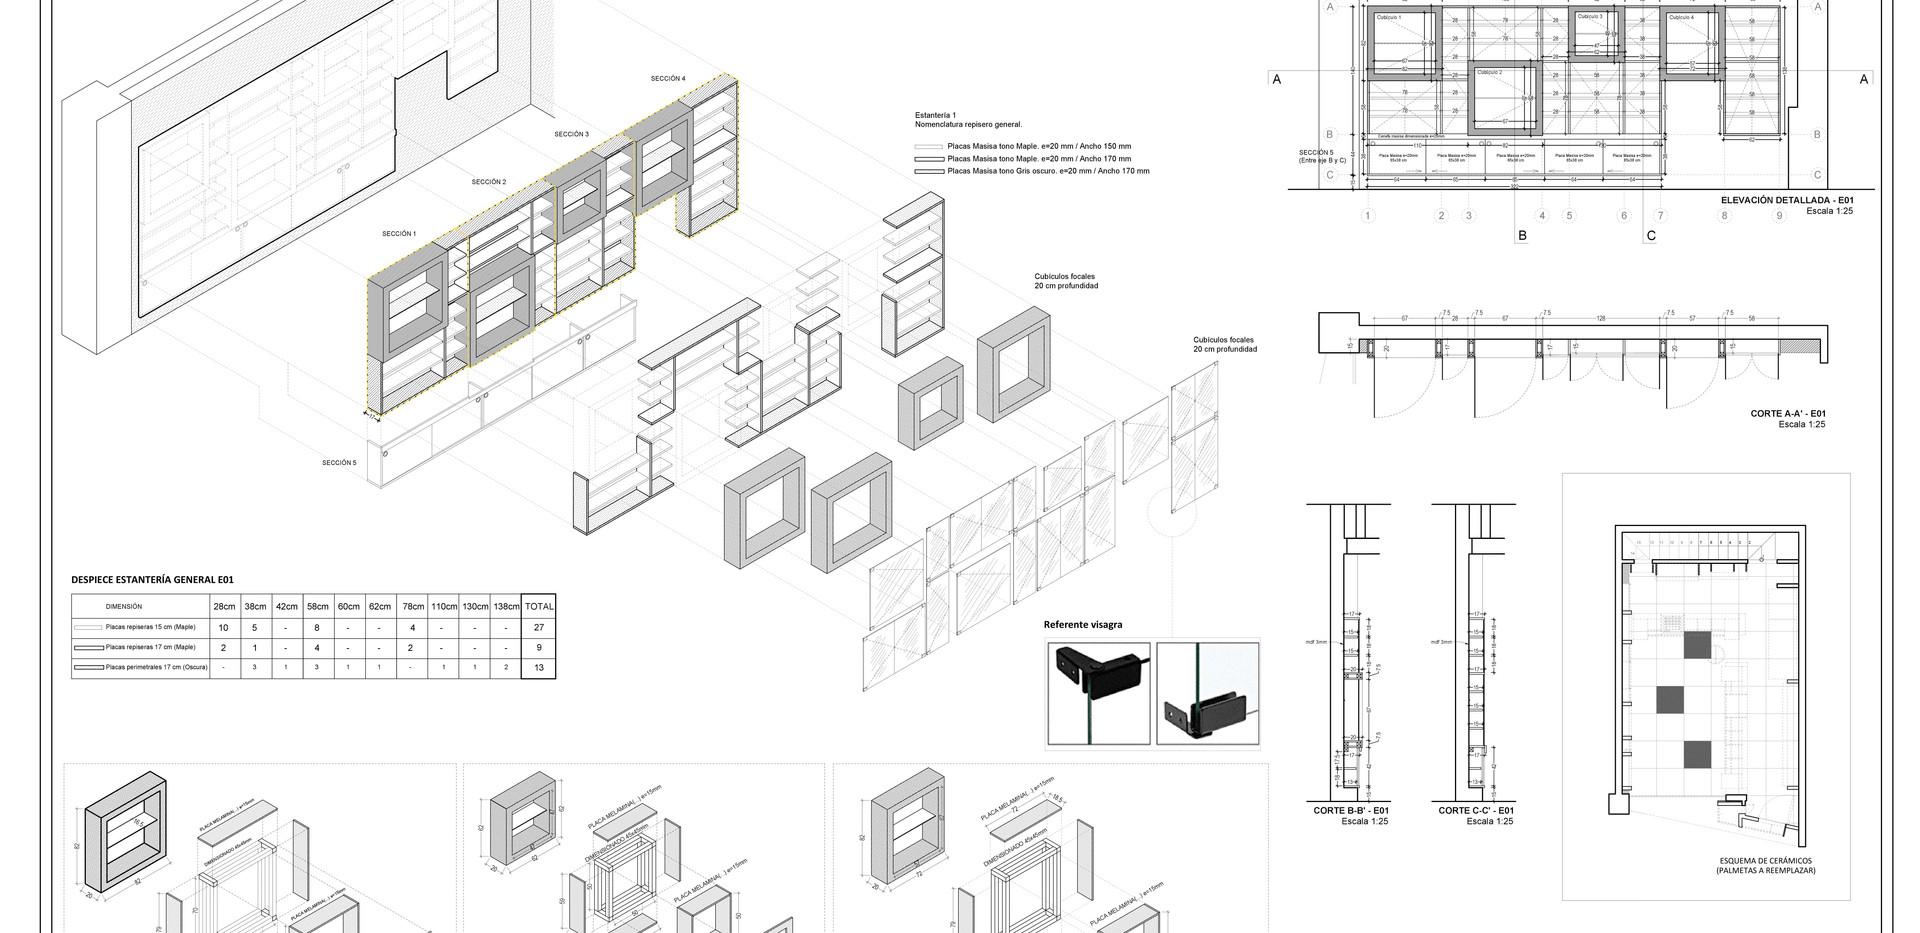 Mueble lateral.jpg